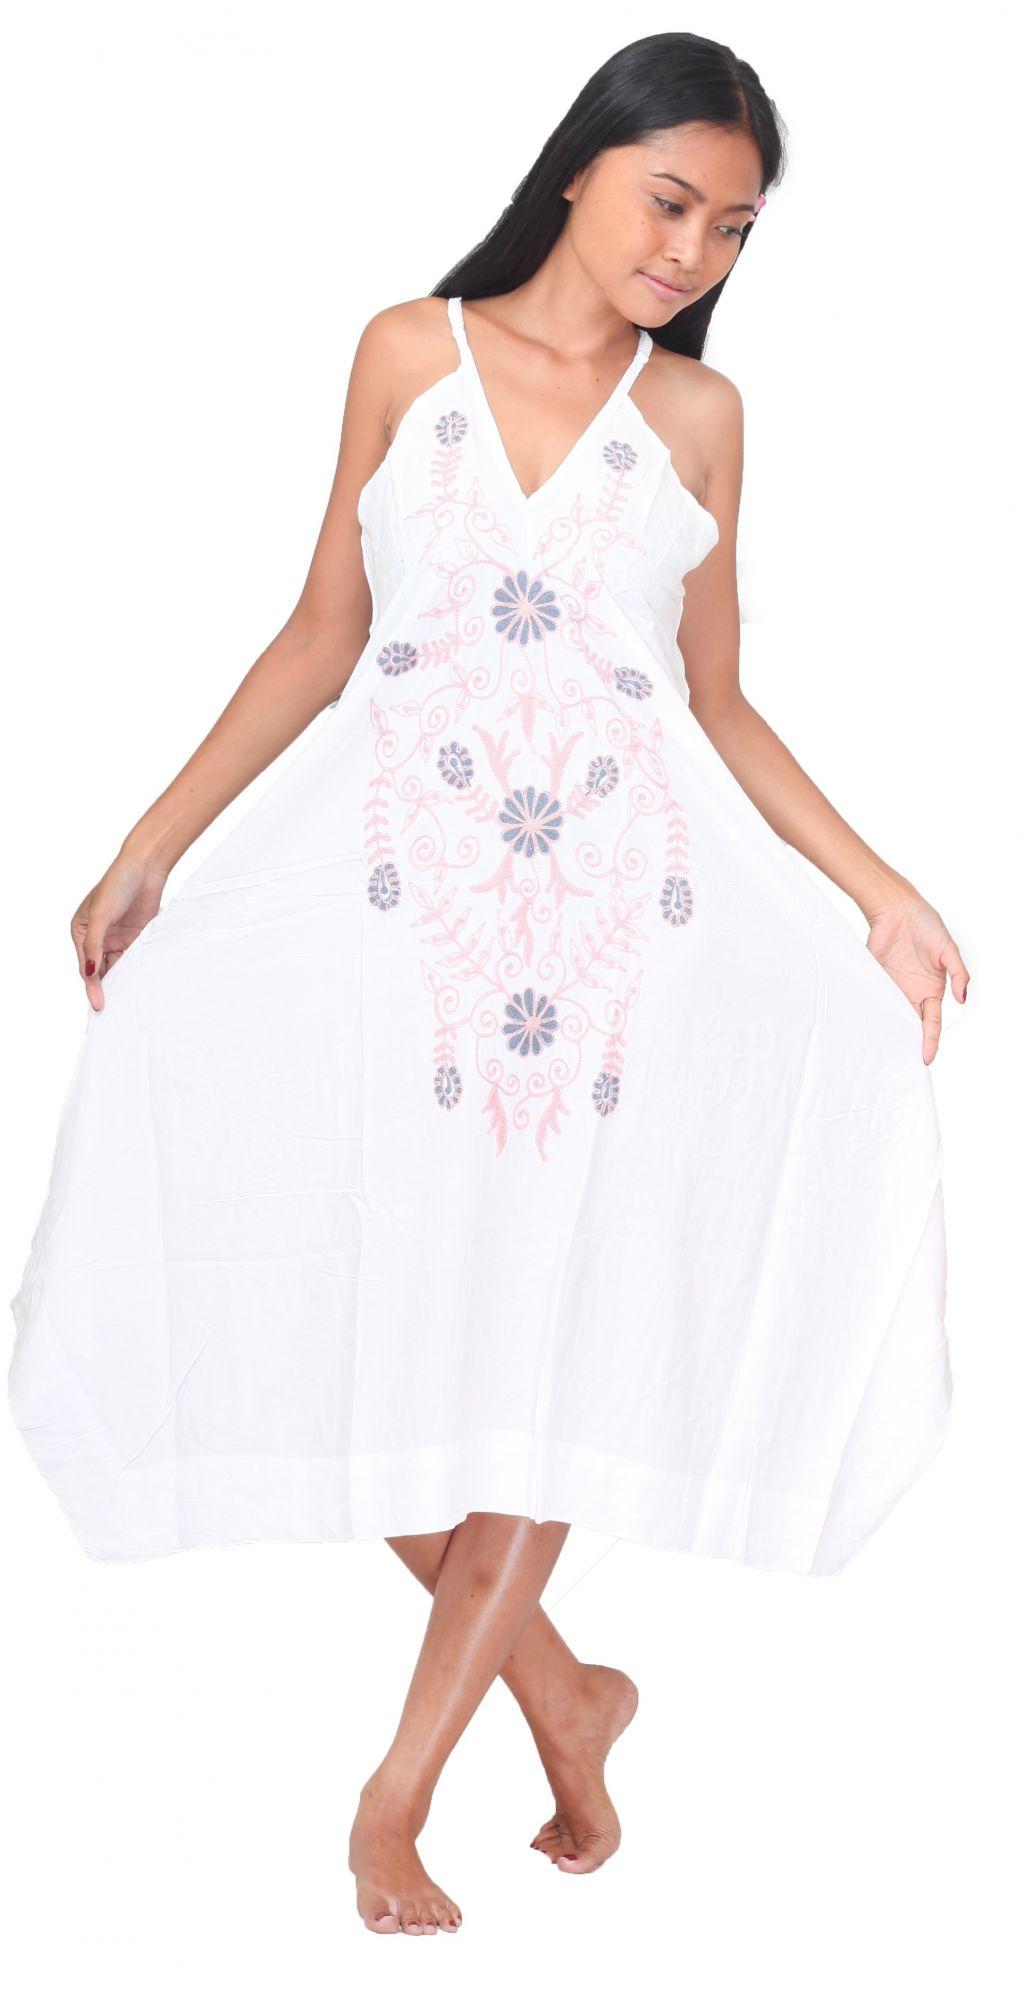 Robe de plage blanche avec borderie fleuris